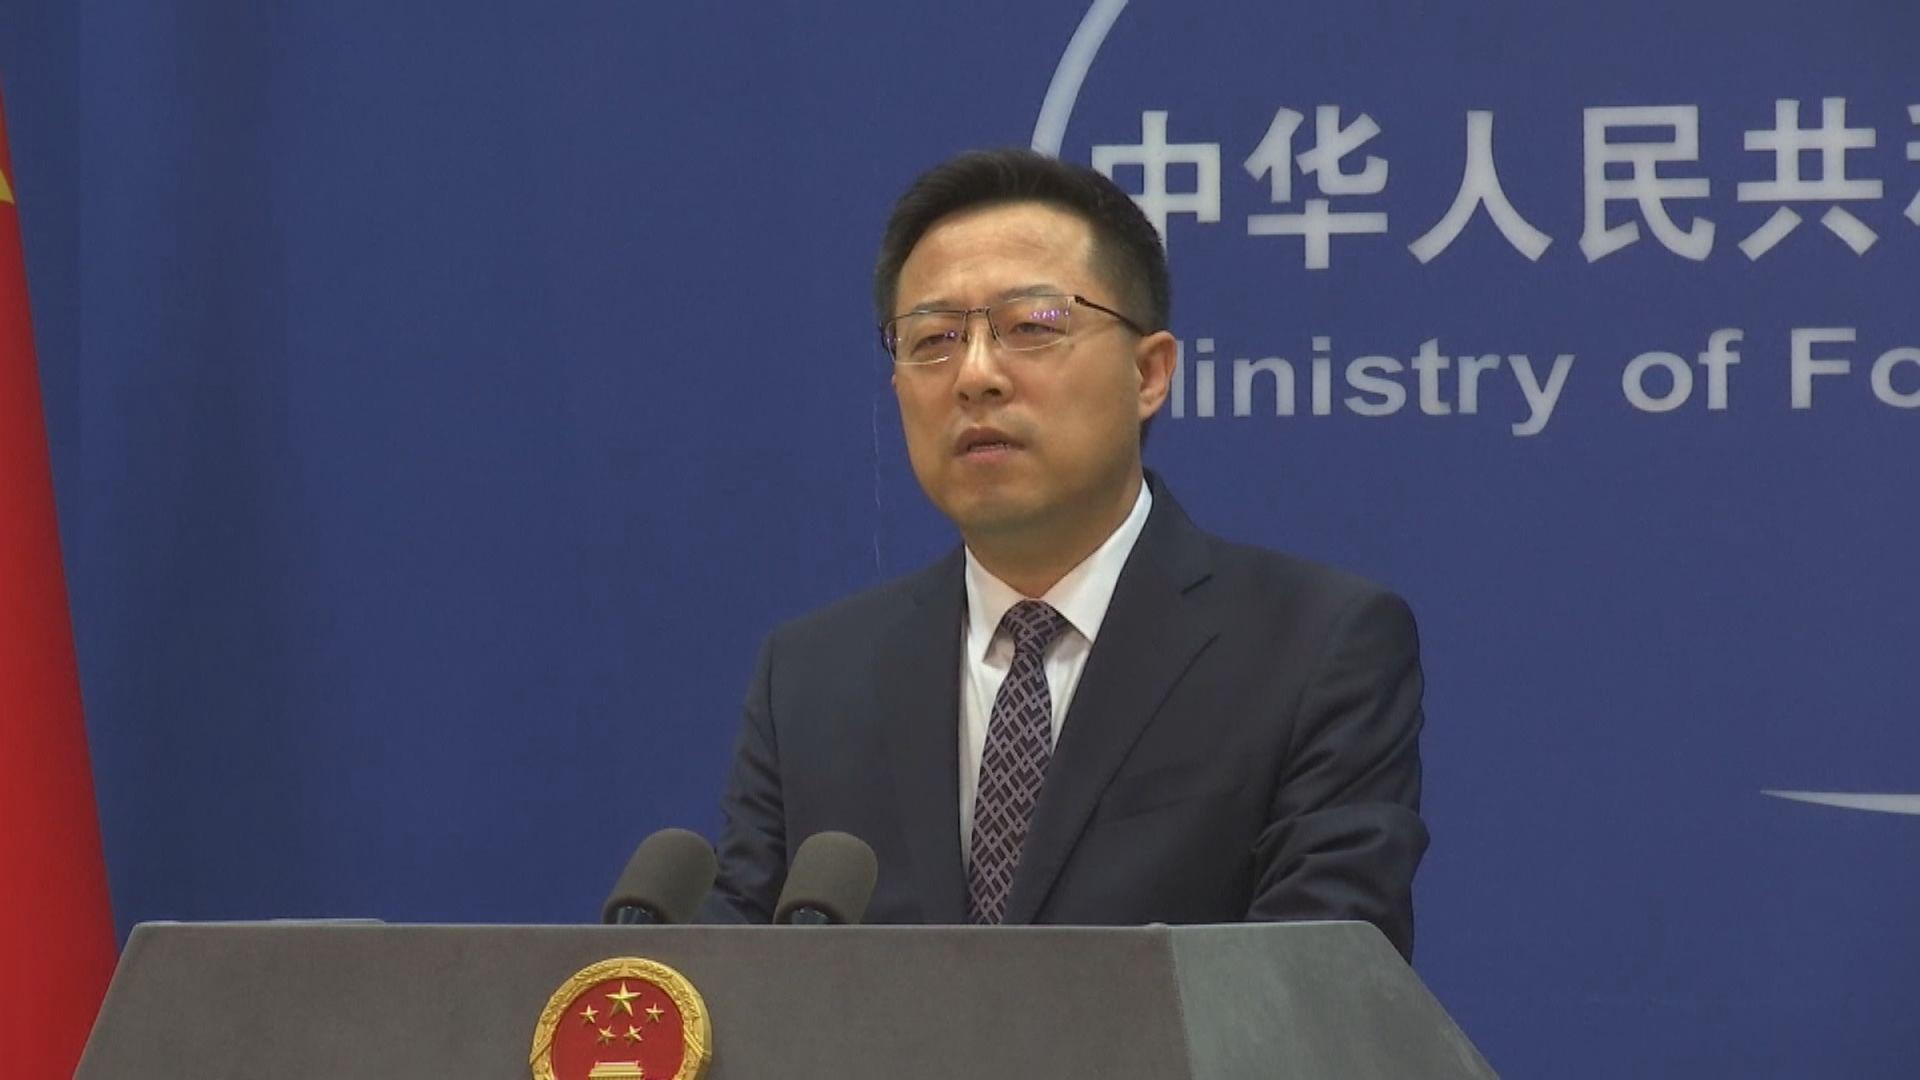 美國籲支持台灣參與聯合國體系 中方提出嚴正交涉